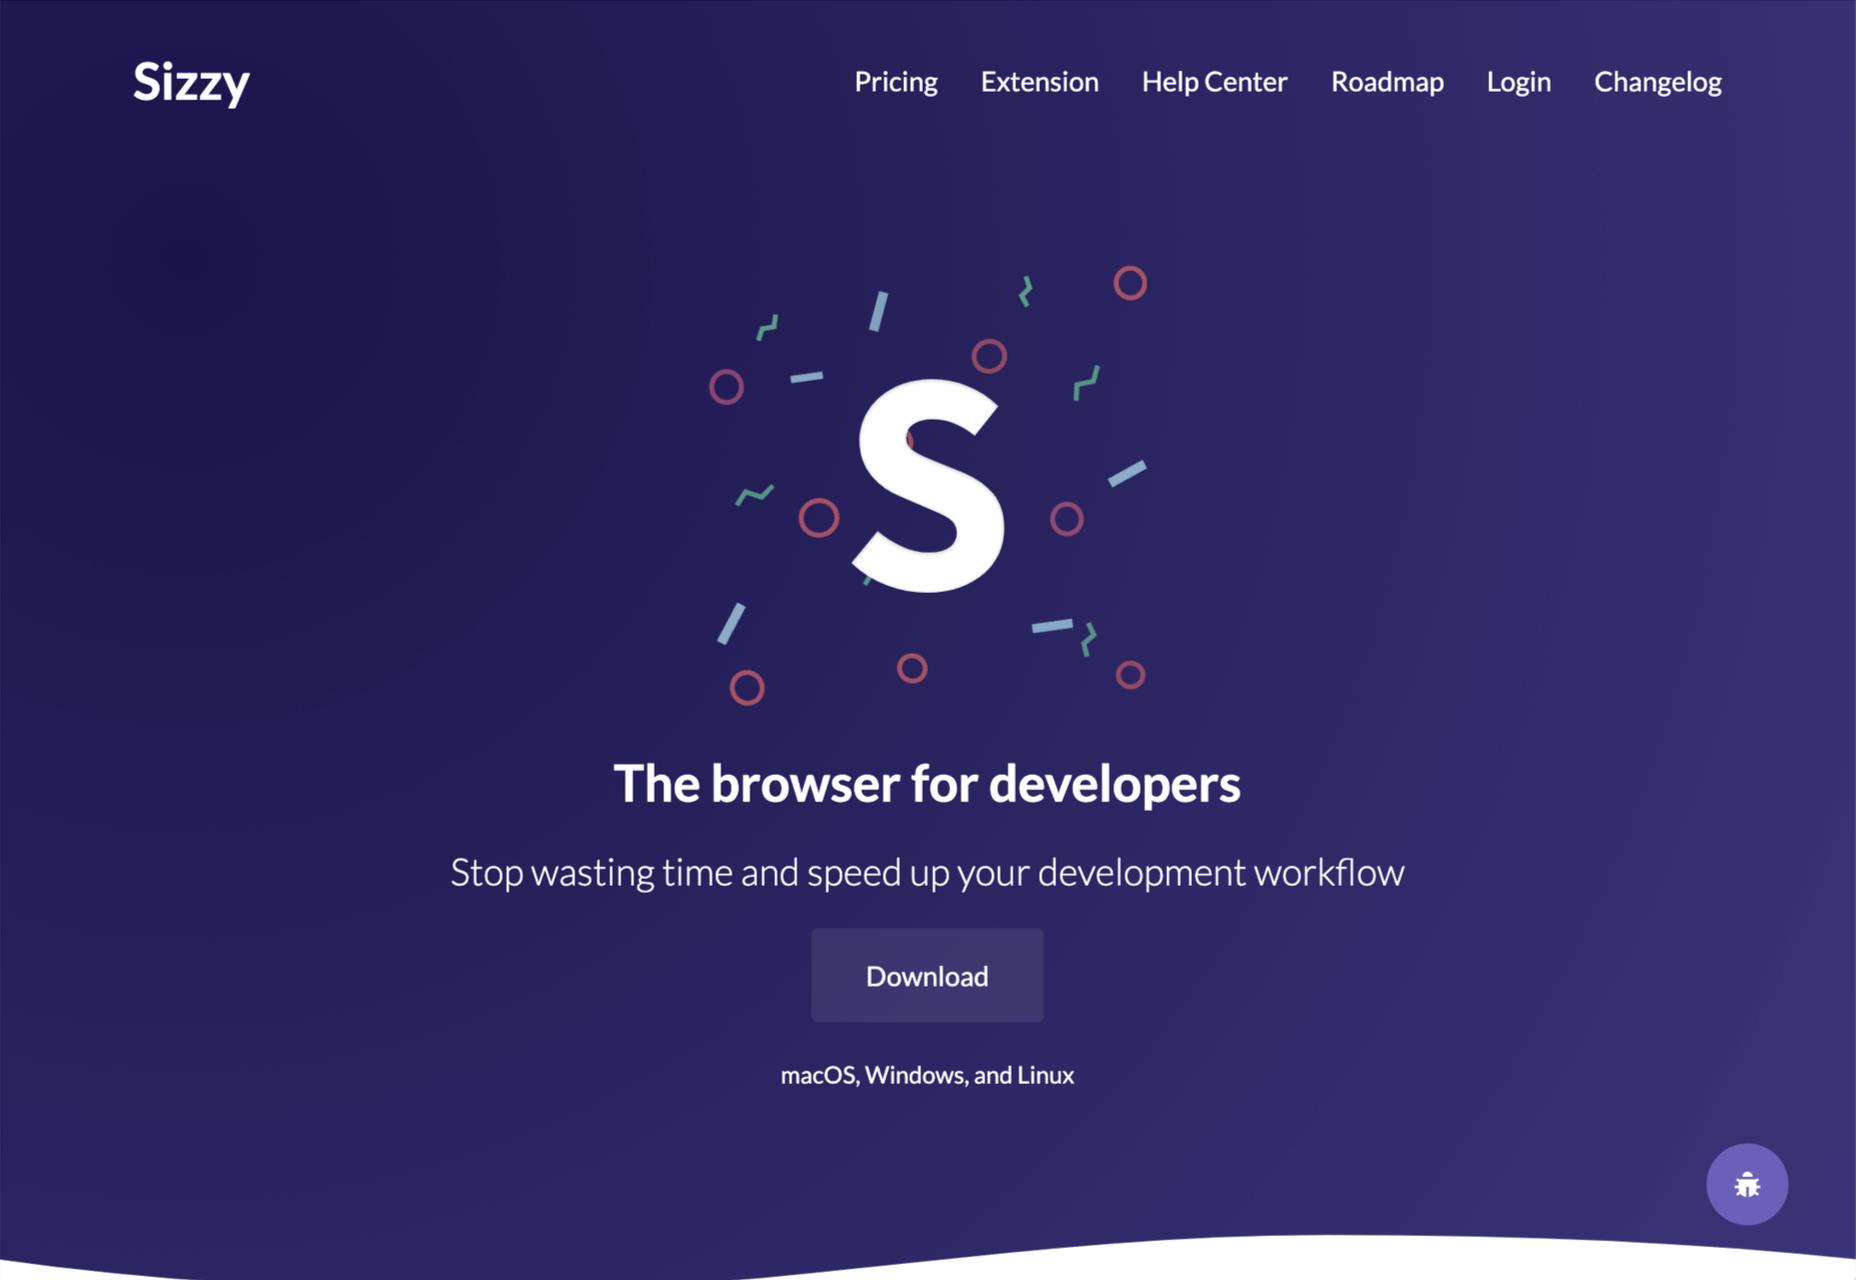 https://www.webdesignerdepot.com/cdn-origin/uploads/2021/06/sizzy.png